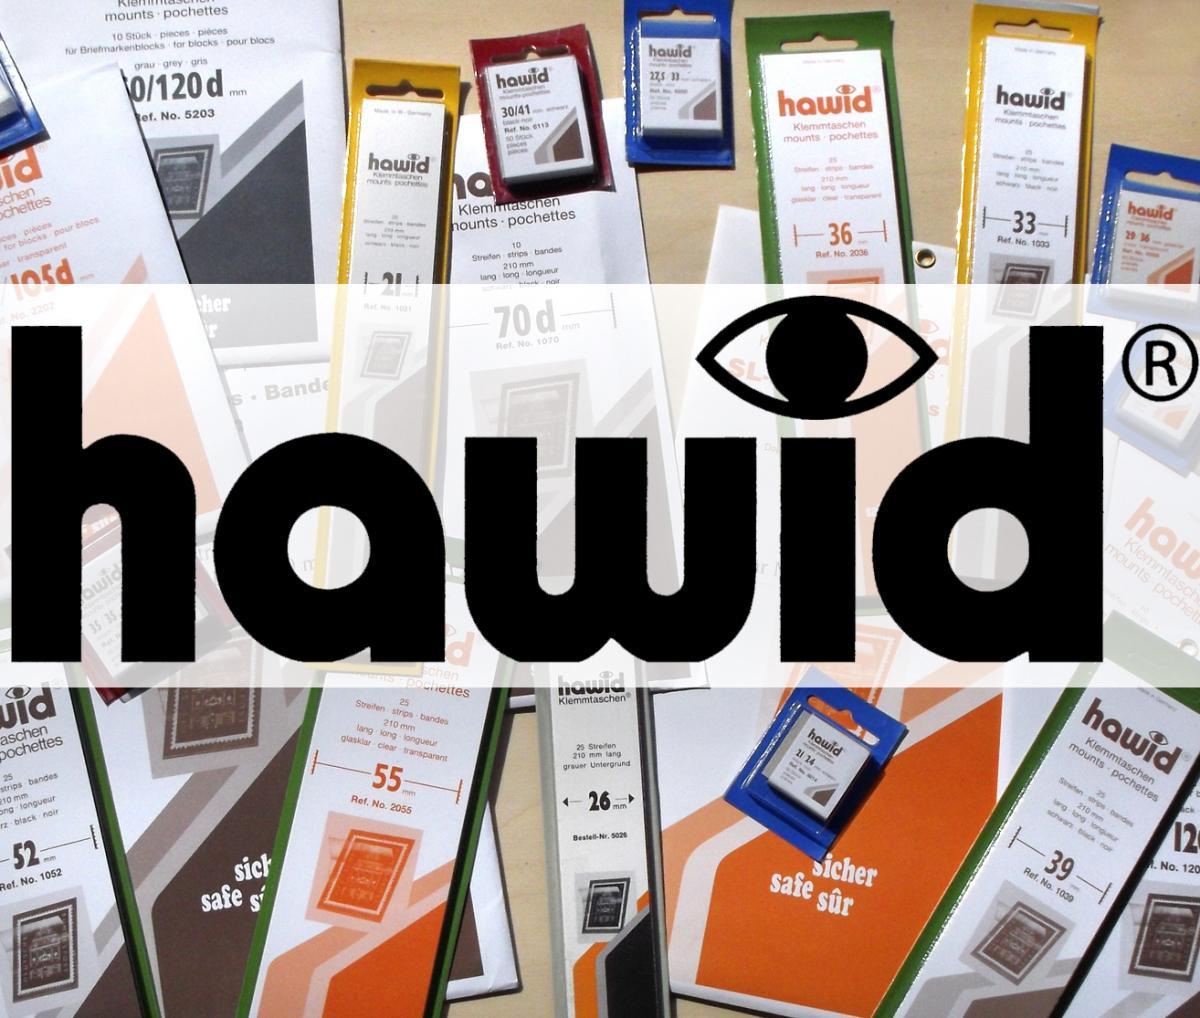 HAWID-Streifen 2029, 210 x 29 mm, glasklar, 25 Stück (gelbe Verpackung) 0